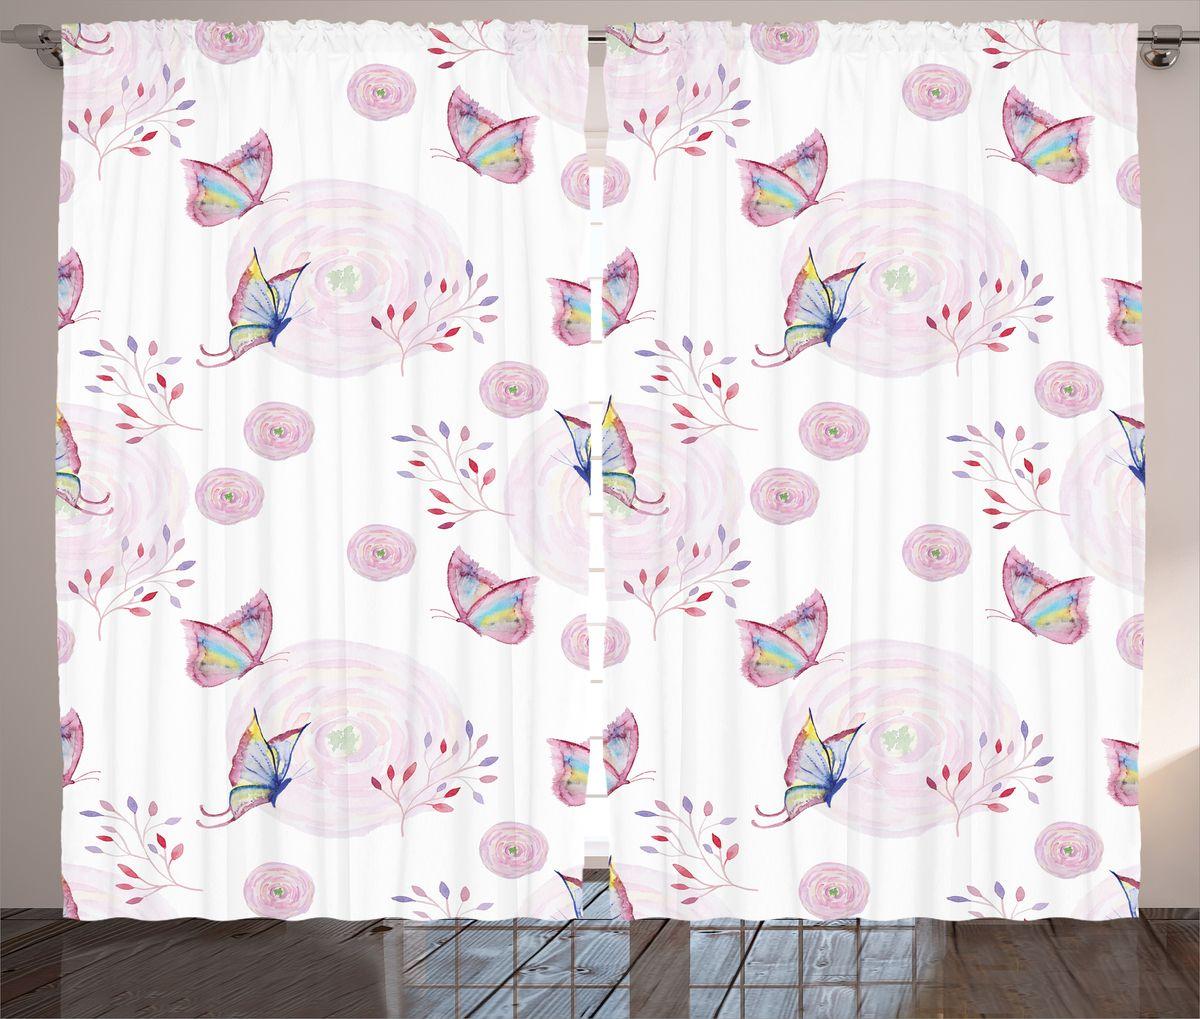 Комплект фотоштор Magic Lady, на ленте, высота 265 см. шсг_15910шсг_15910Компания Сэмболь изготавливает шторы из высококачественного сатена (полиэстер 100%). При изготовлении используются специальные гипоаллергенные чернила для прямой печати по ткани, безопасные для человека и животных. Экологичность продукции Magic lady и безопасность для окружающей среды подтверждены сертификатом Oeko-Tex Standard 100. Крепление: крючки для крепления на шторной ленте (50 шт). Возможно крепление на трубу. Внимание! При нанесении сублимационной печати на ткань технологическим методом при температуре 240°С, возможно отклонение полученных размеров (указанных на этикетке и сайте) от стандартных на + - 3-5 см. Производитель старается максимально точно передать цвета изделия на фотографиях, однако искажения неизбежны и фактический цвет изделия может отличаться от воспринимаемого по фото. Обратите внимание! Шторы изготовлены из полиэстра сатенового переплетения, а не из сатина (хлопок). Размер одного полотна шторы: 145х265 см. В комплекте 2 полотна шторы и 50 крючков.